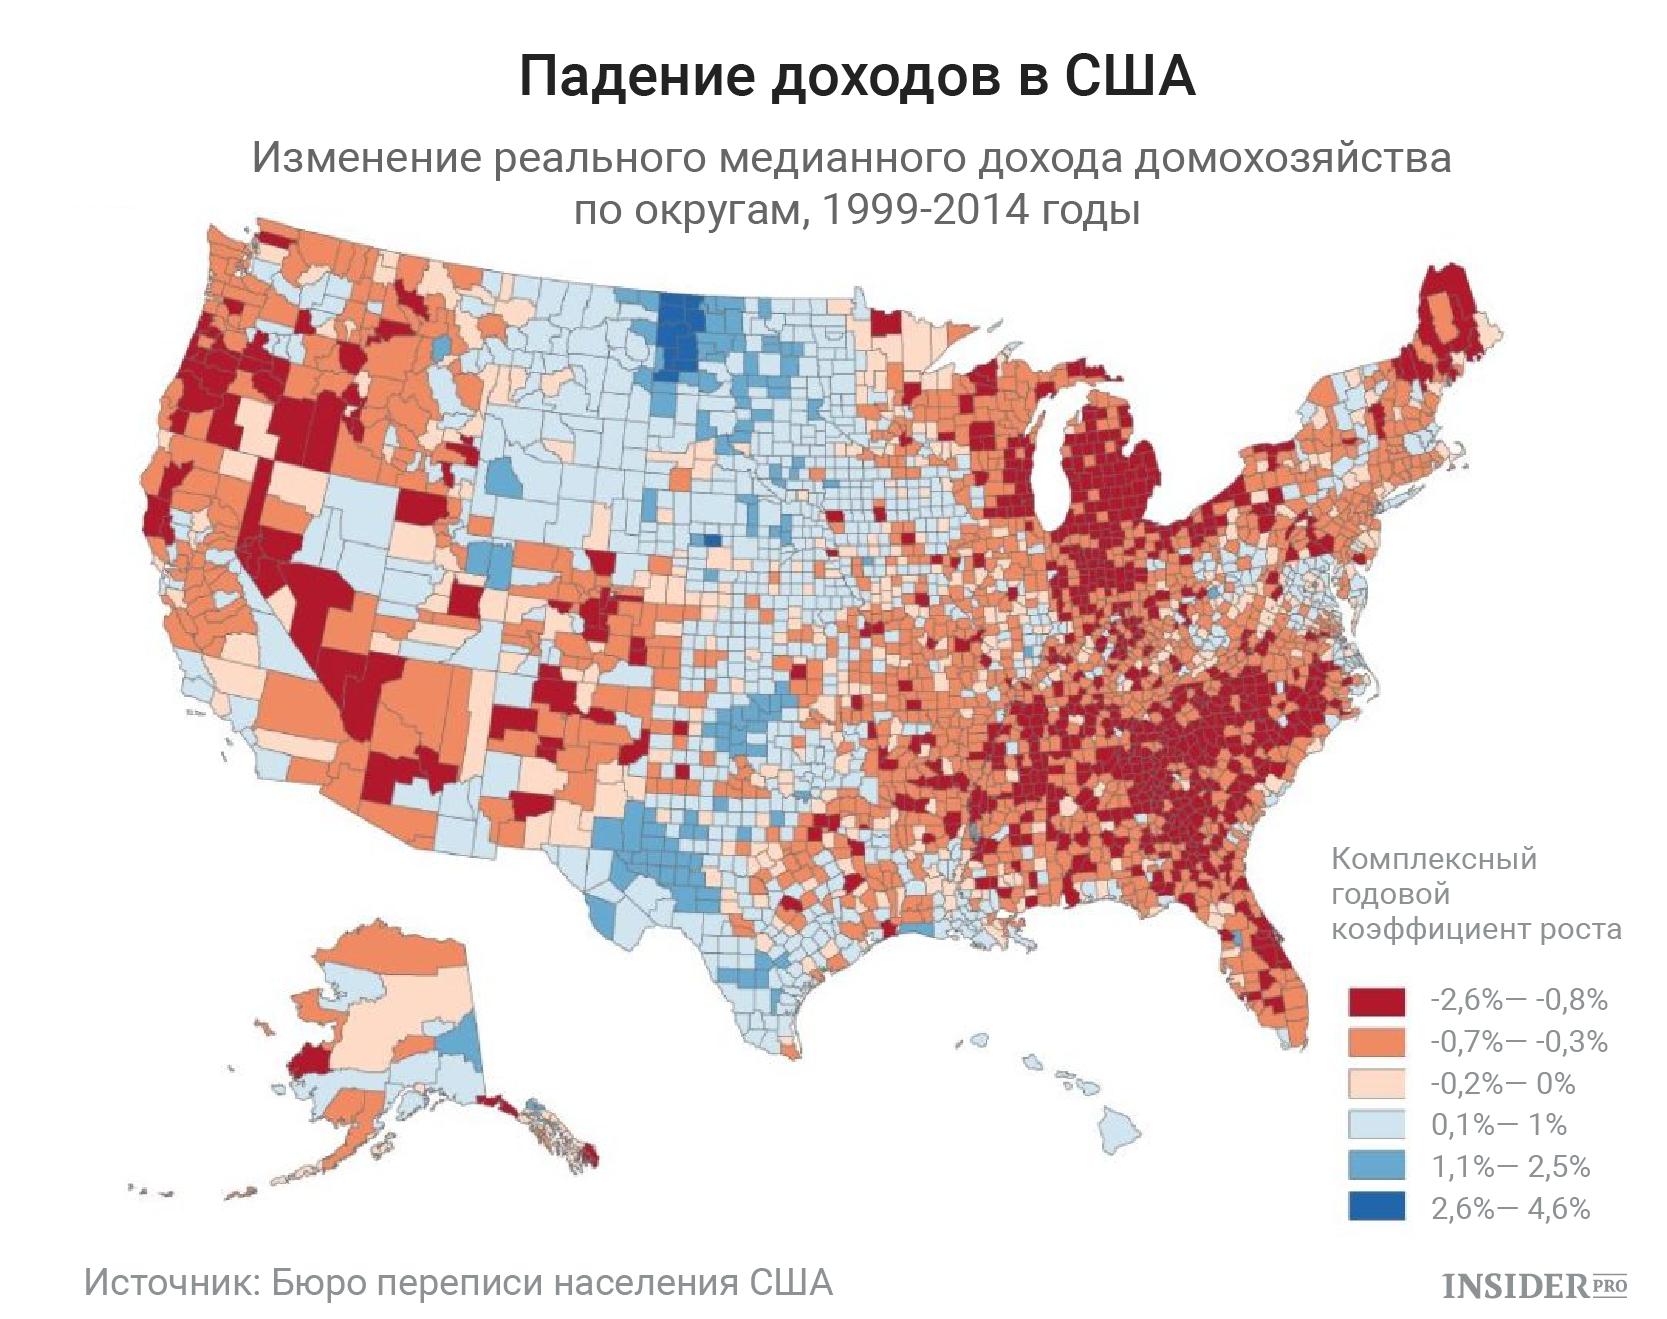 падение доходов в США